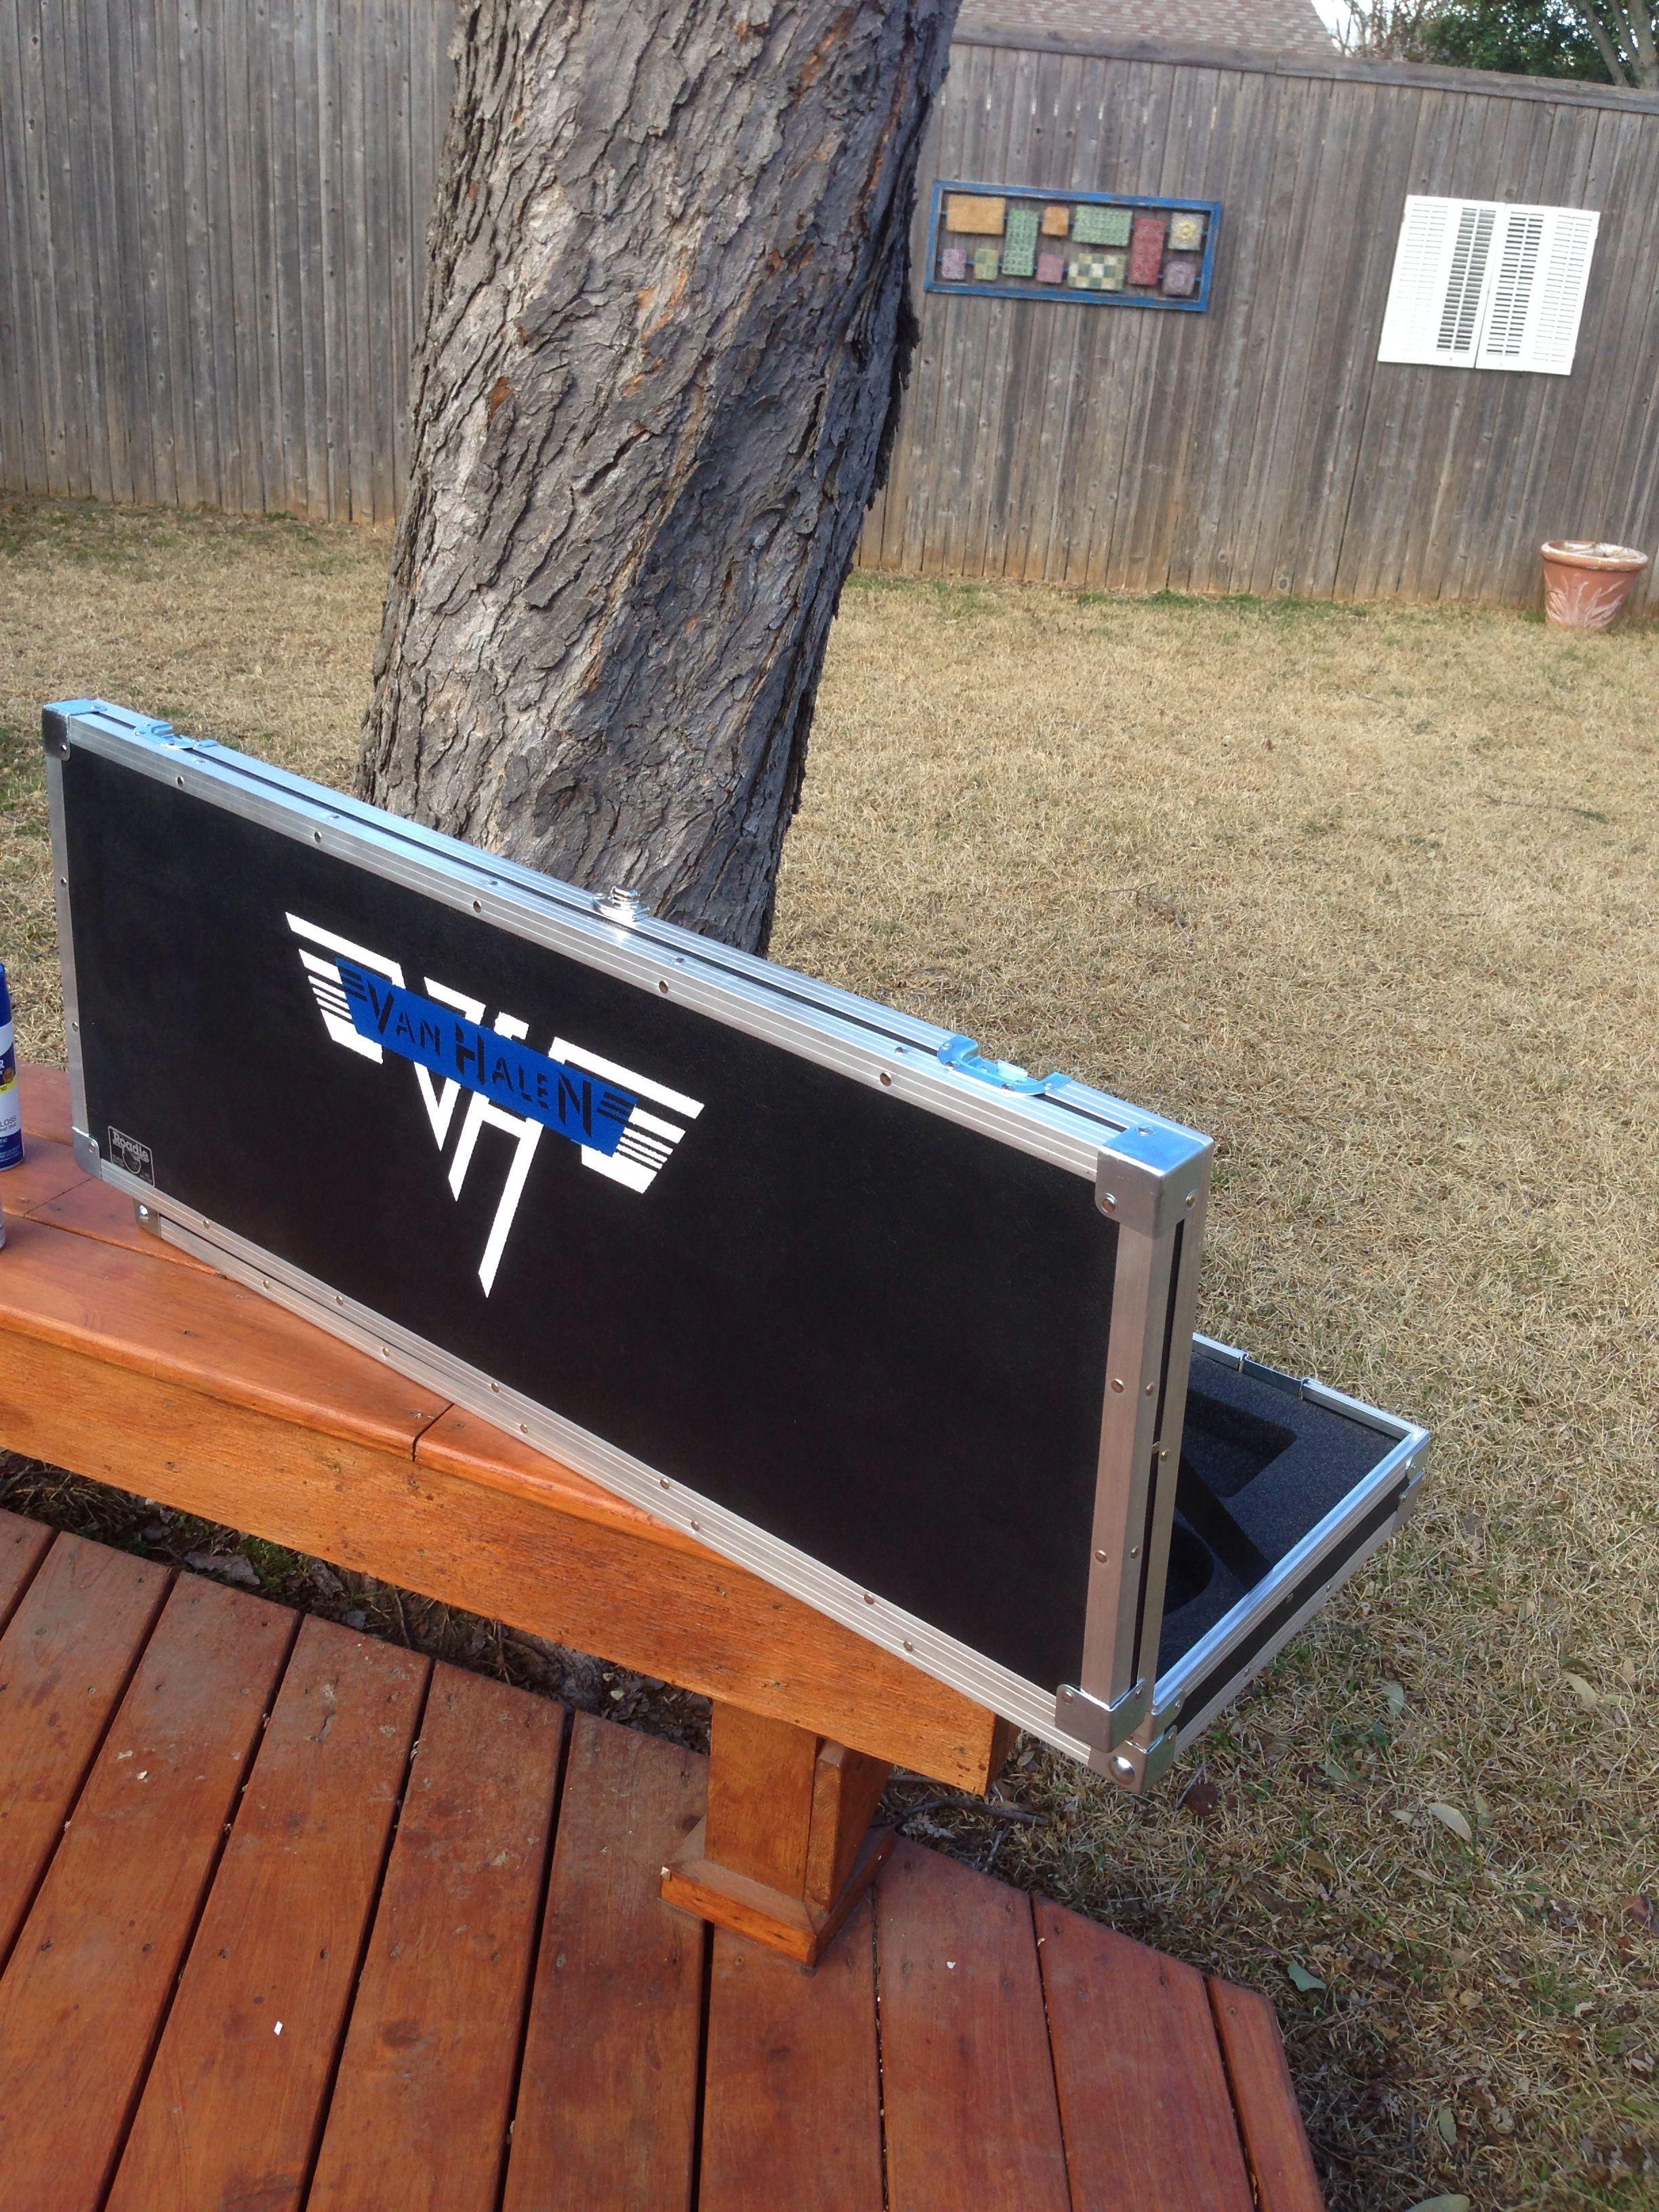 Van Halen logo on the guitar case. Van halen logo, Van